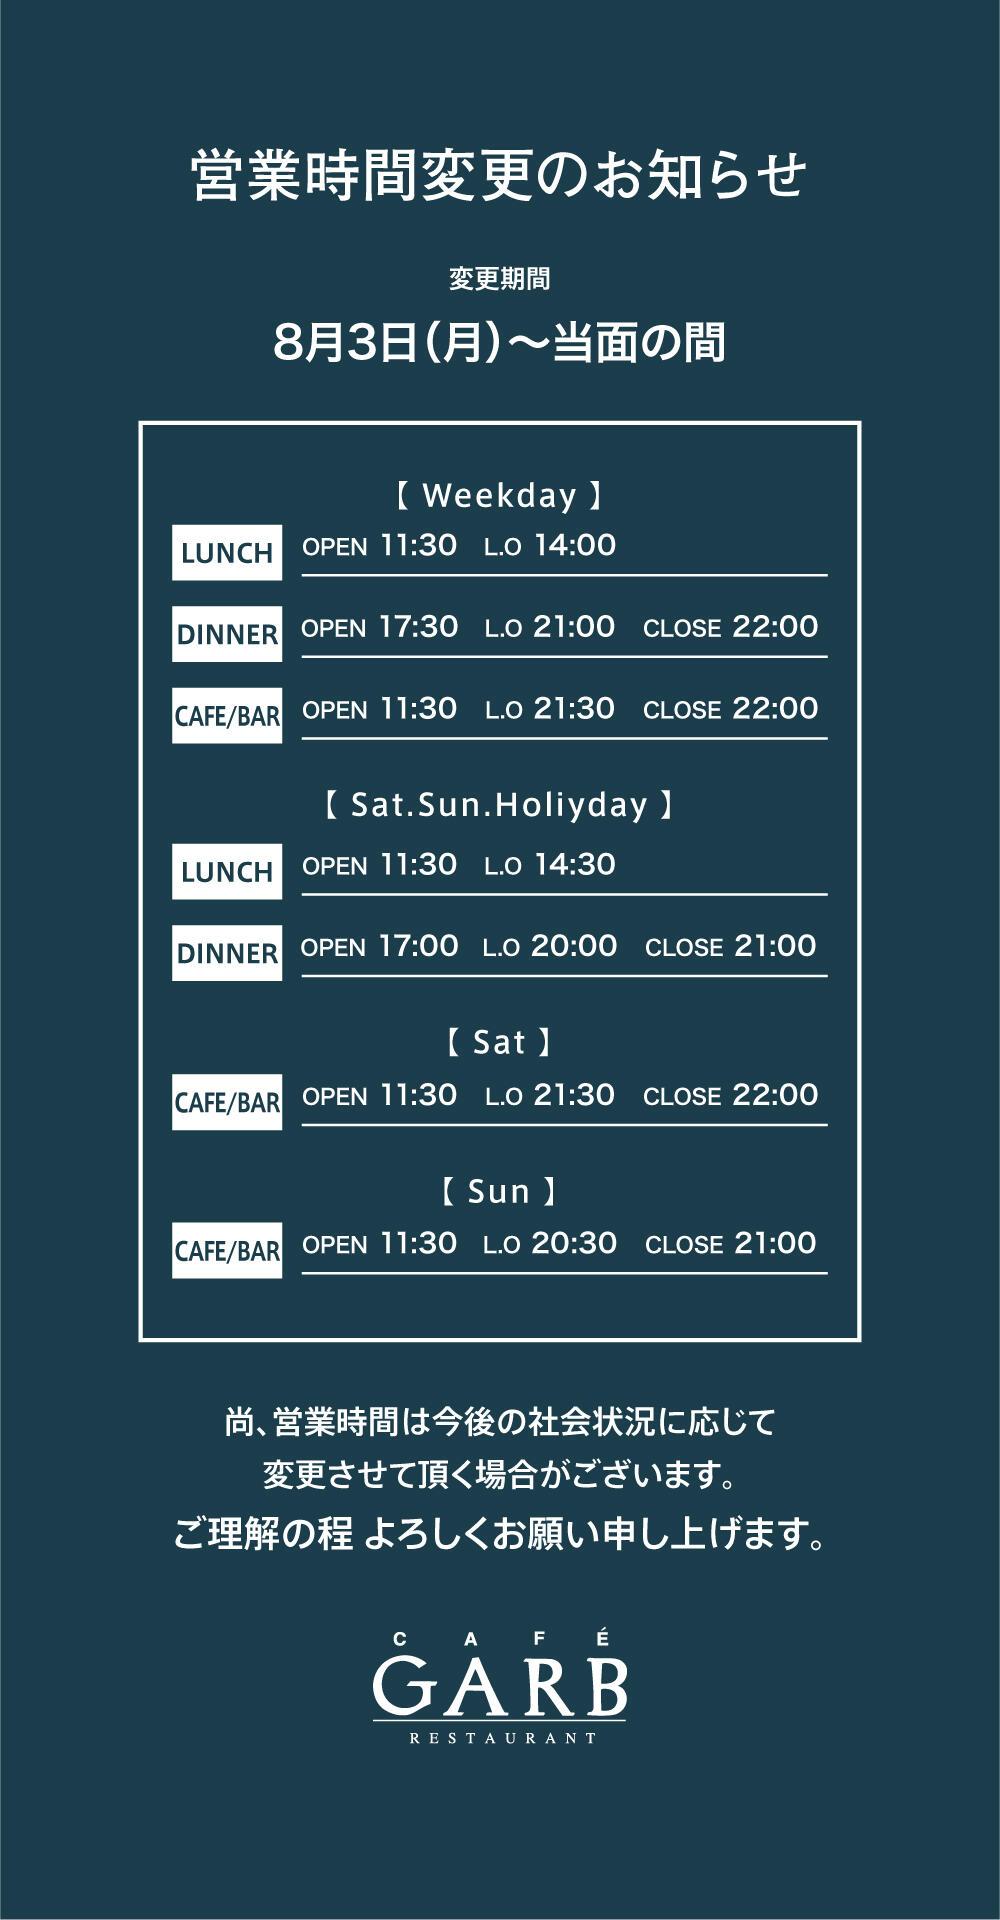 gm_200804_営業時間変更.jpg